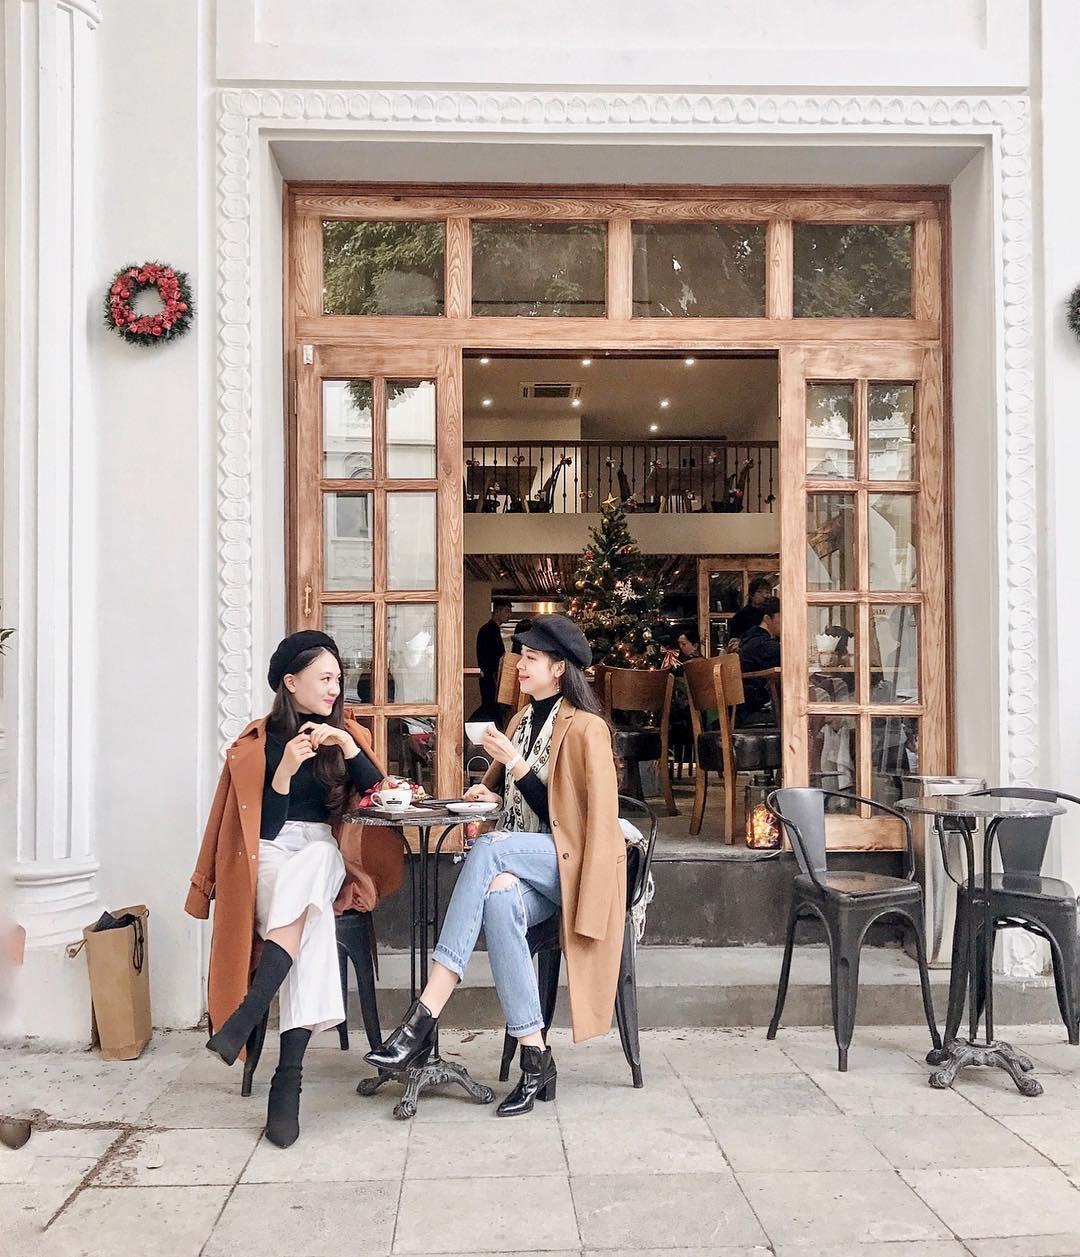 Ở Hà Nội thì phải đi check-in ngay 3 quán cafe siêu xinh này thôi trước khi nó hết hot - Ảnh 11.